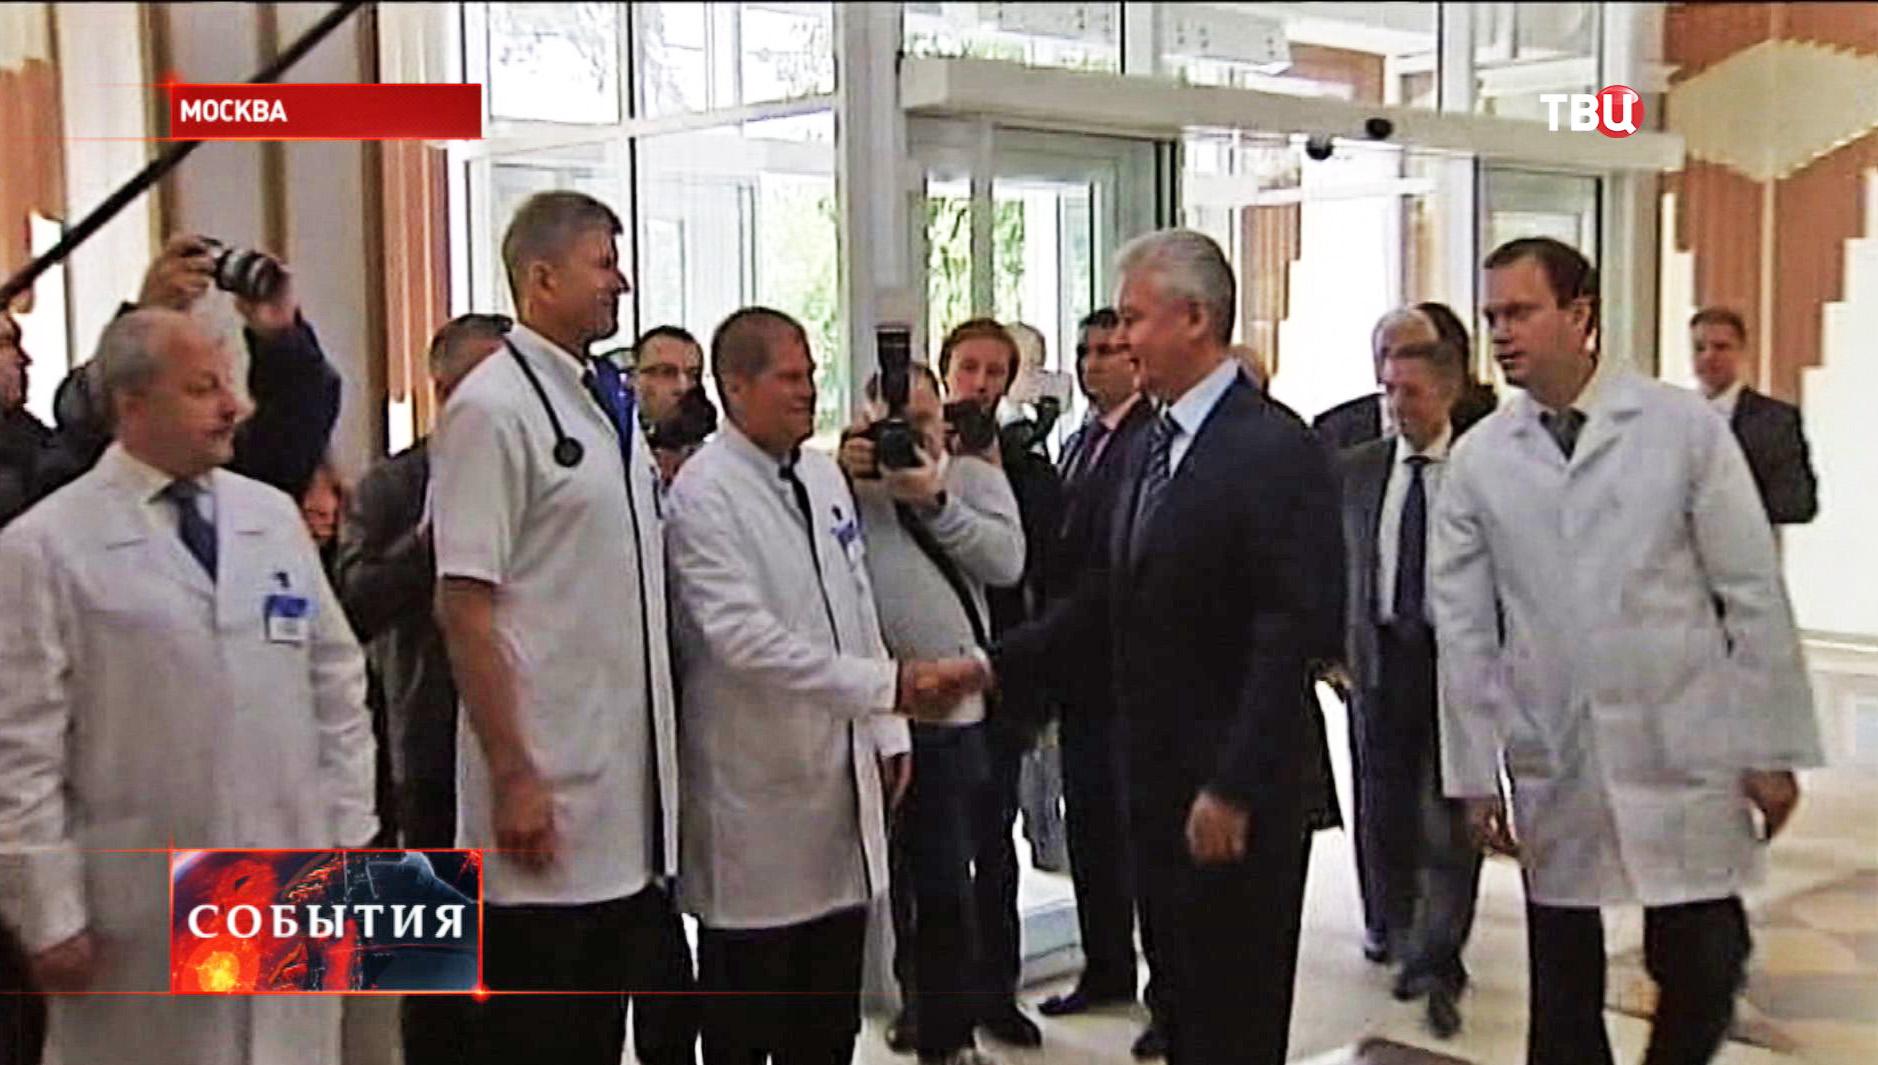 Сергей Собянин во время поздравления сотрудников 20-ой городской больницы